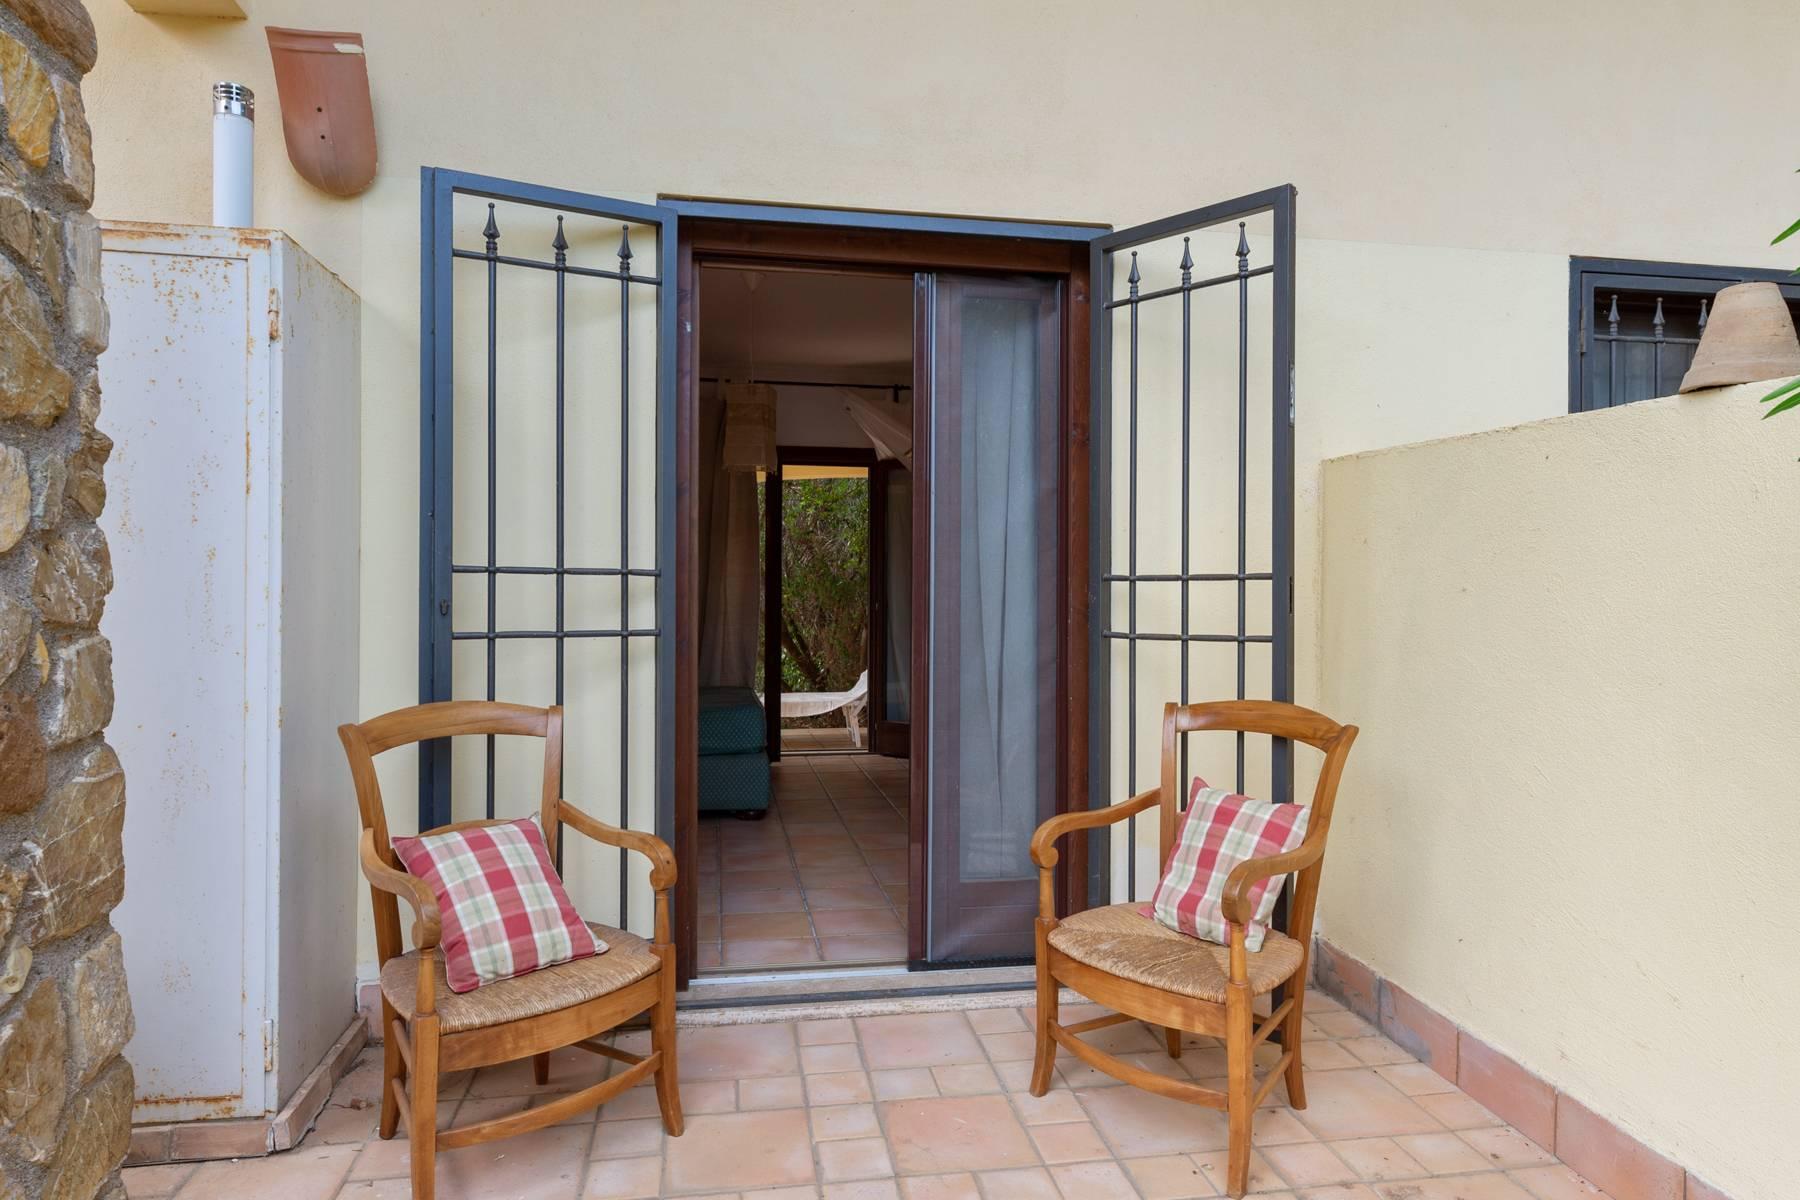 Villa in Vendita a Montalto Di Castro: 5 locali, 231 mq - Foto 16